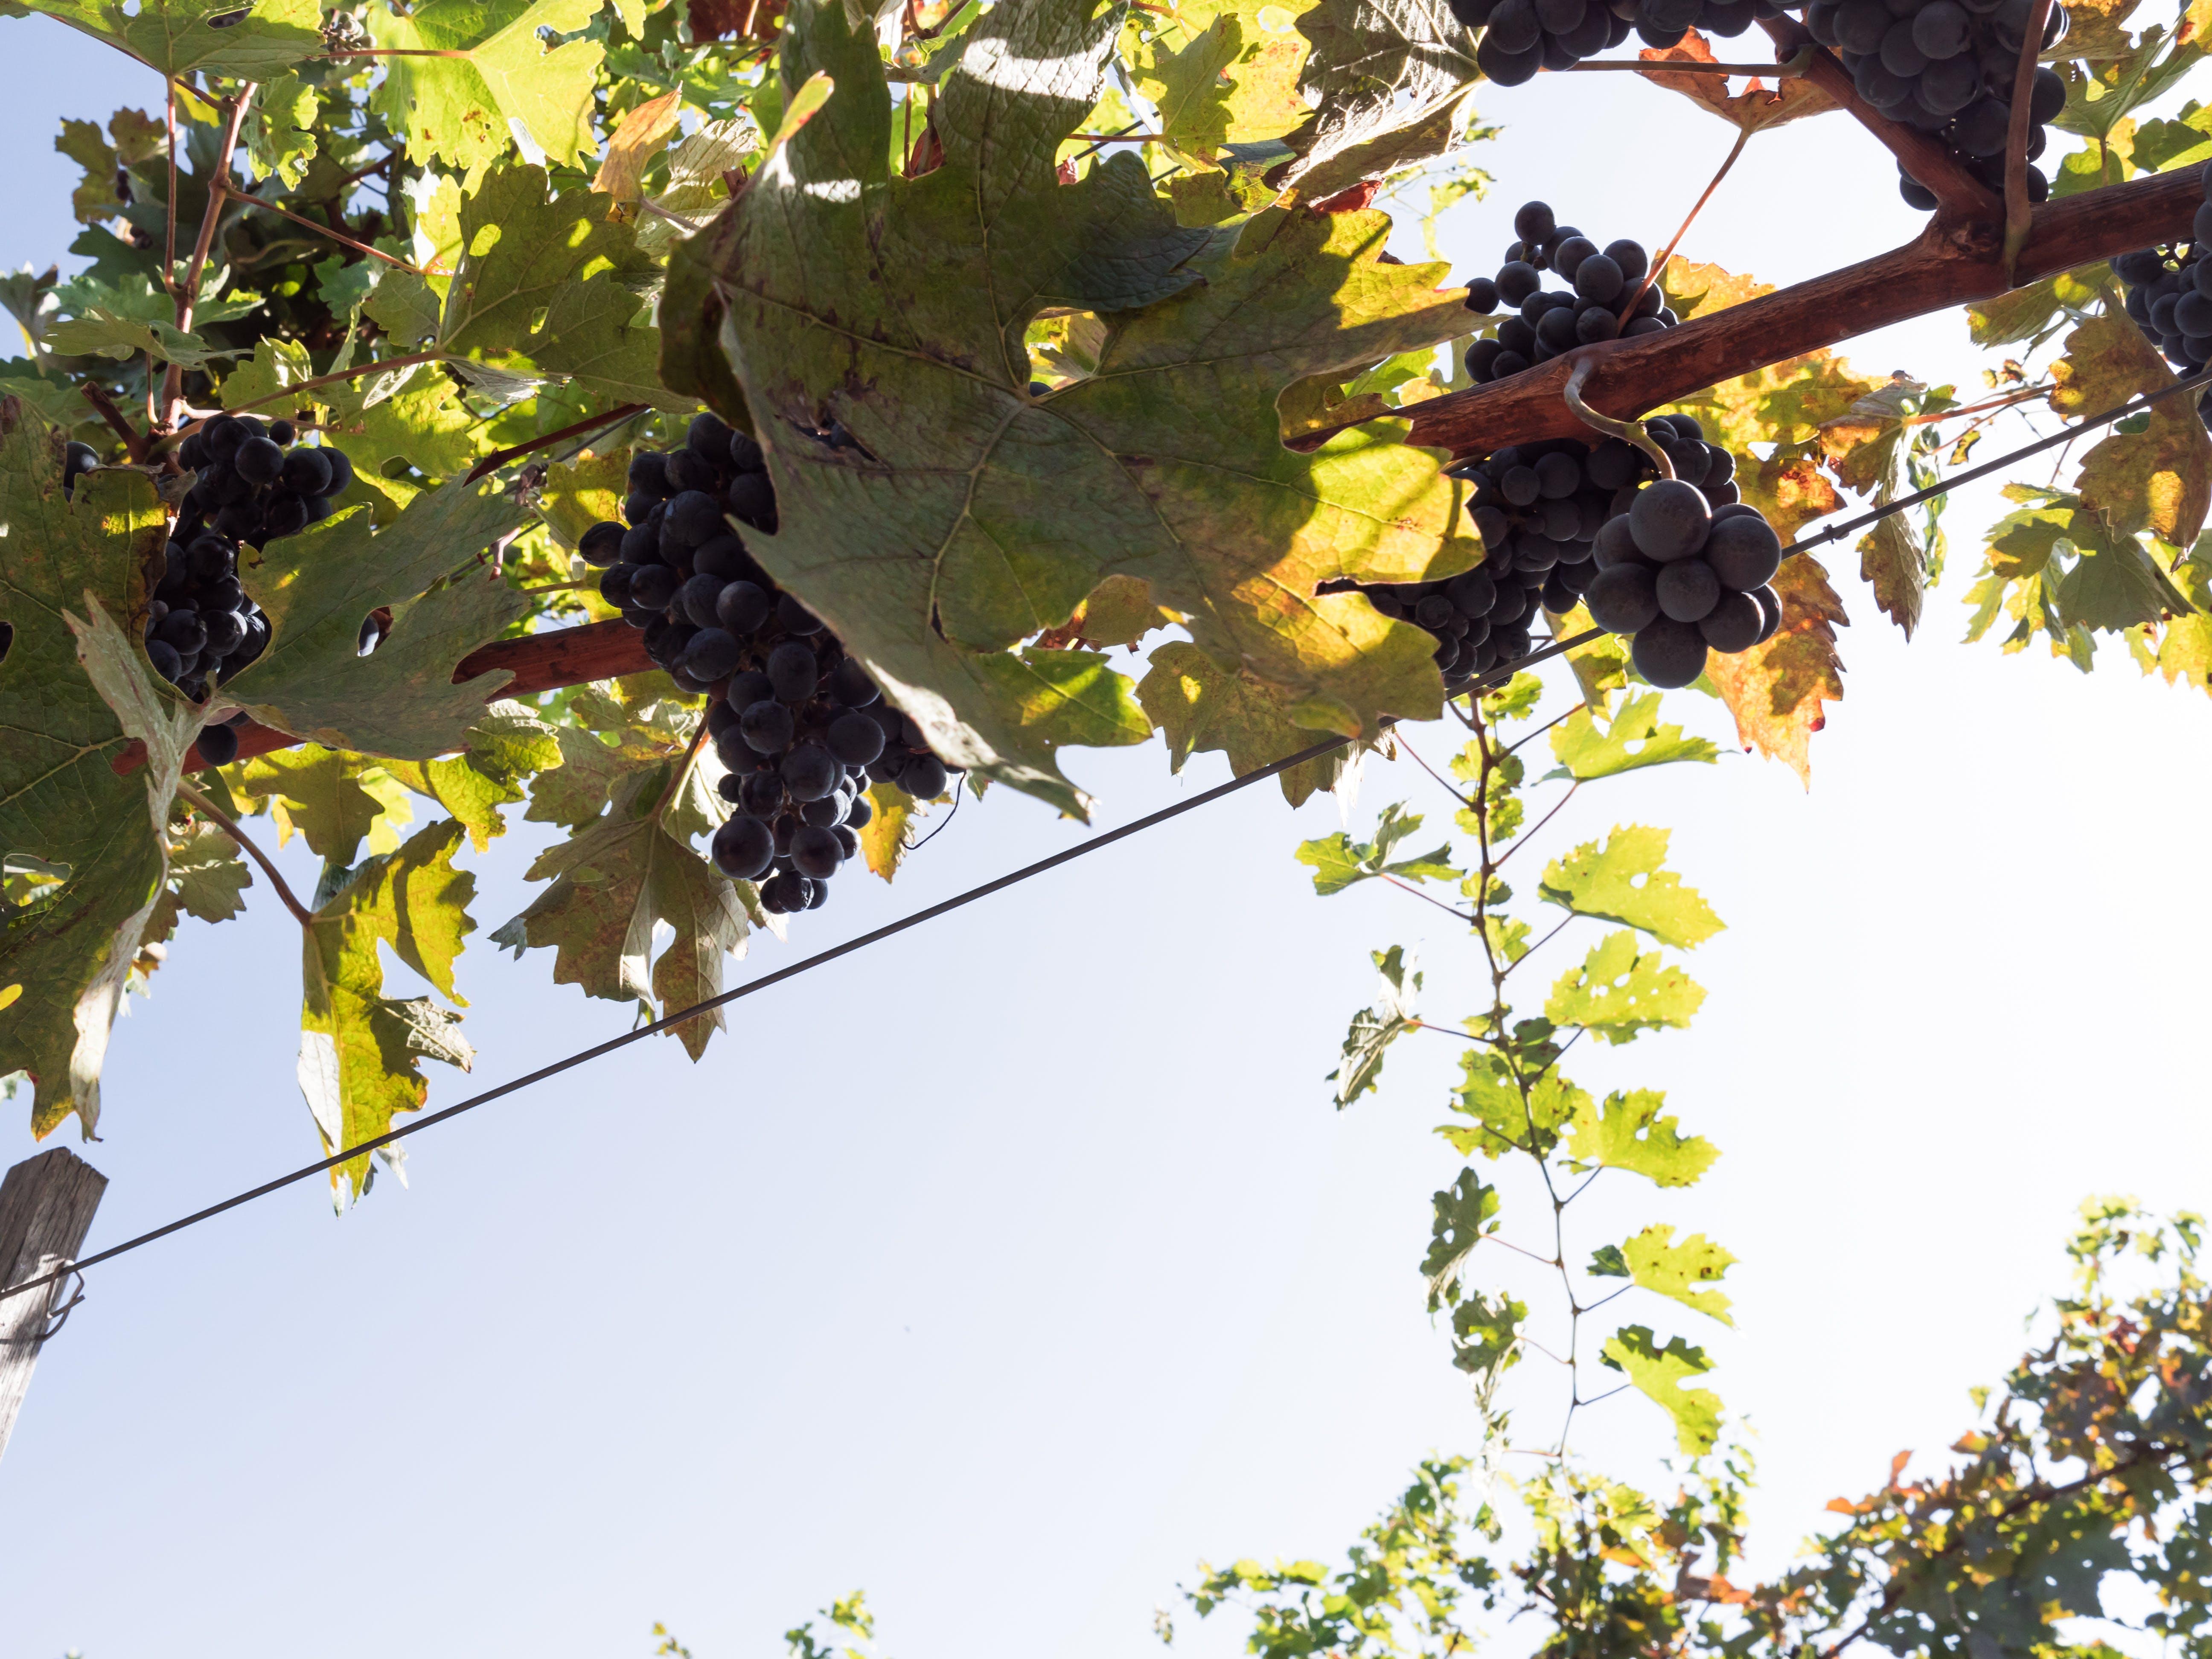 Free stock photo of autumn, autumn colors, autumn leaf, domeniile blaga